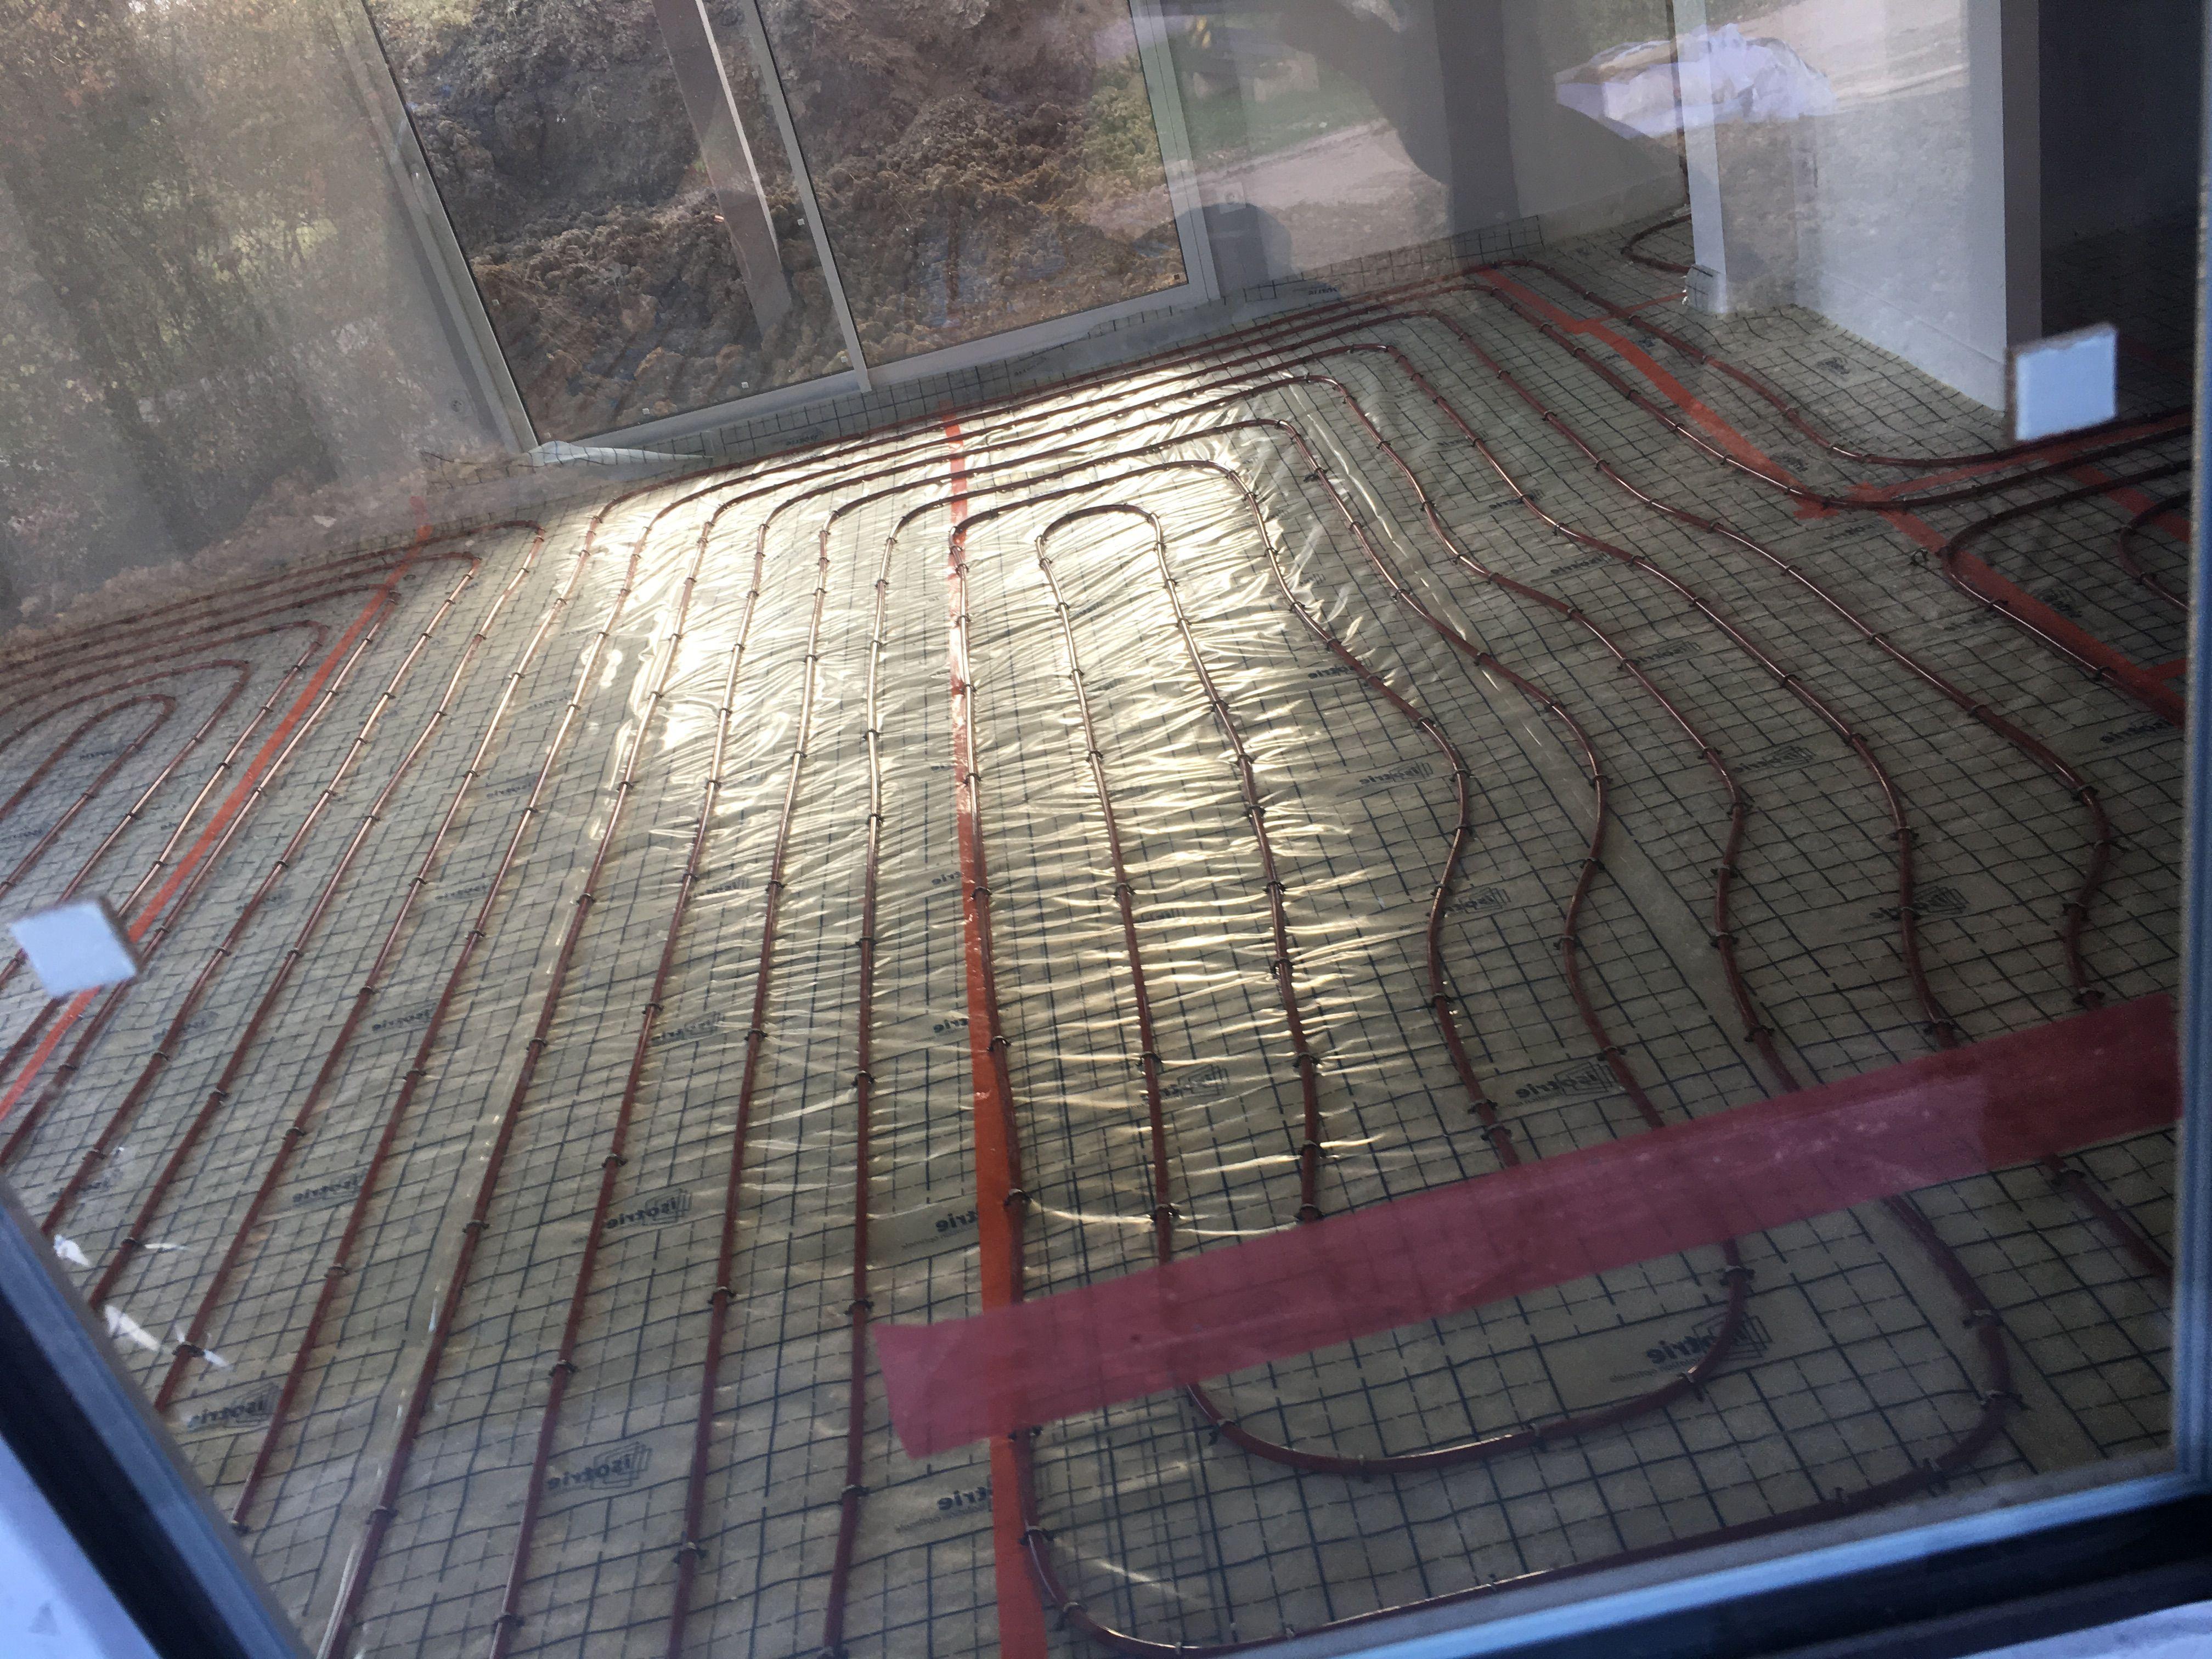 Tapis Sur Chauffage Au Sol pose du chauffage au sol | chauffage au sol